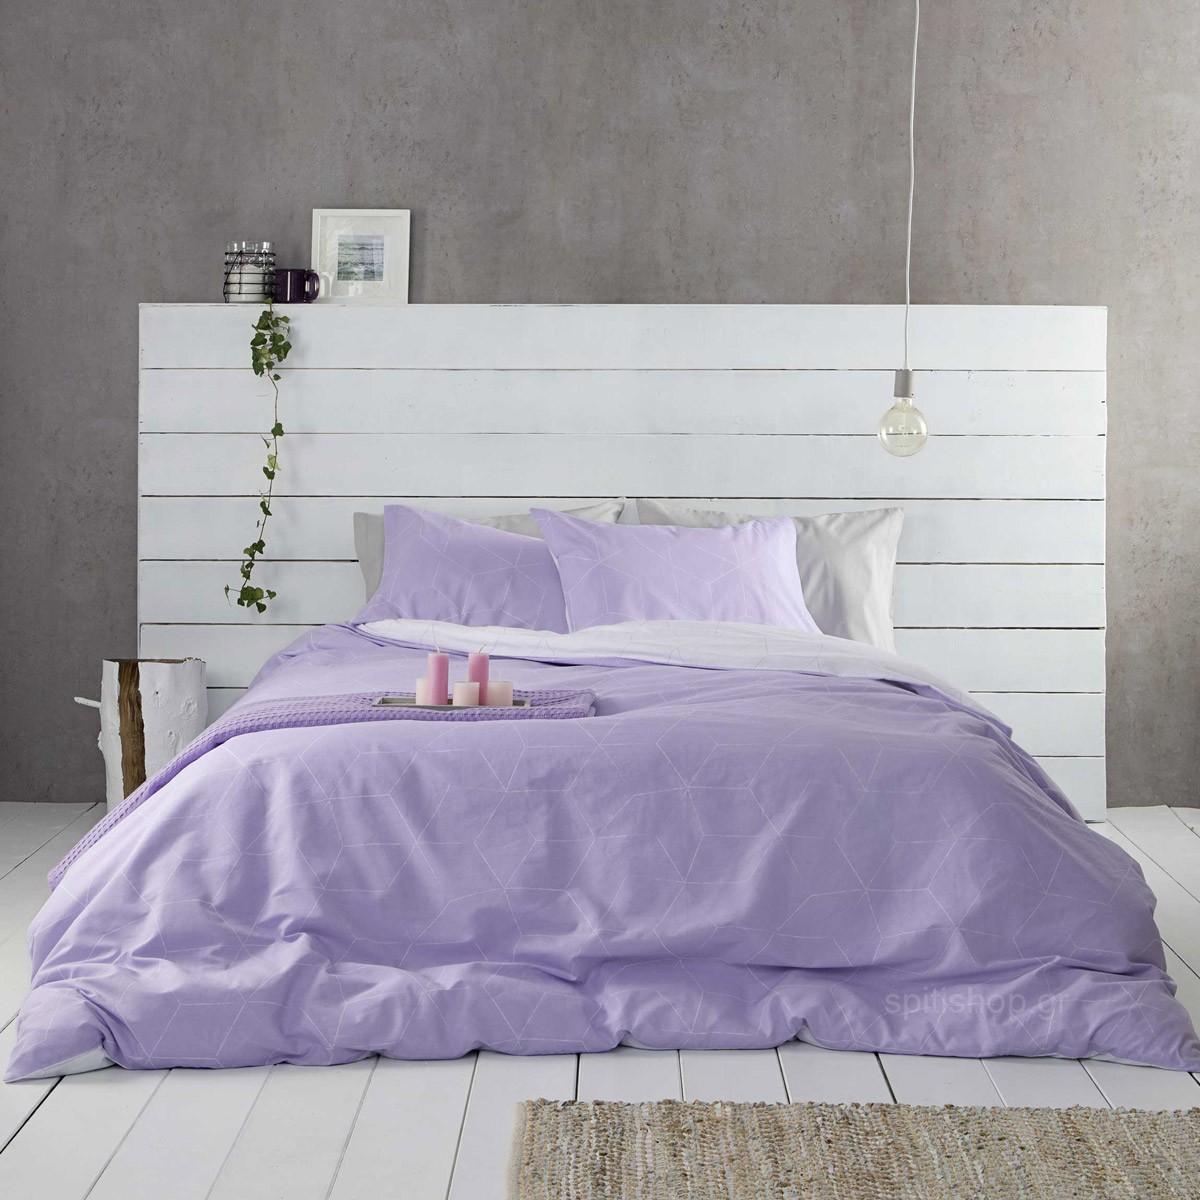 Σεντόνια Υπέρδιπλα (Σετ) Nima Bed Linen Fade Lilac ΧΩΡΙΣ ΛΑΣΤΙΧΟ ΧΩΡΙΣ ΛΑΣΤΙΧΟ